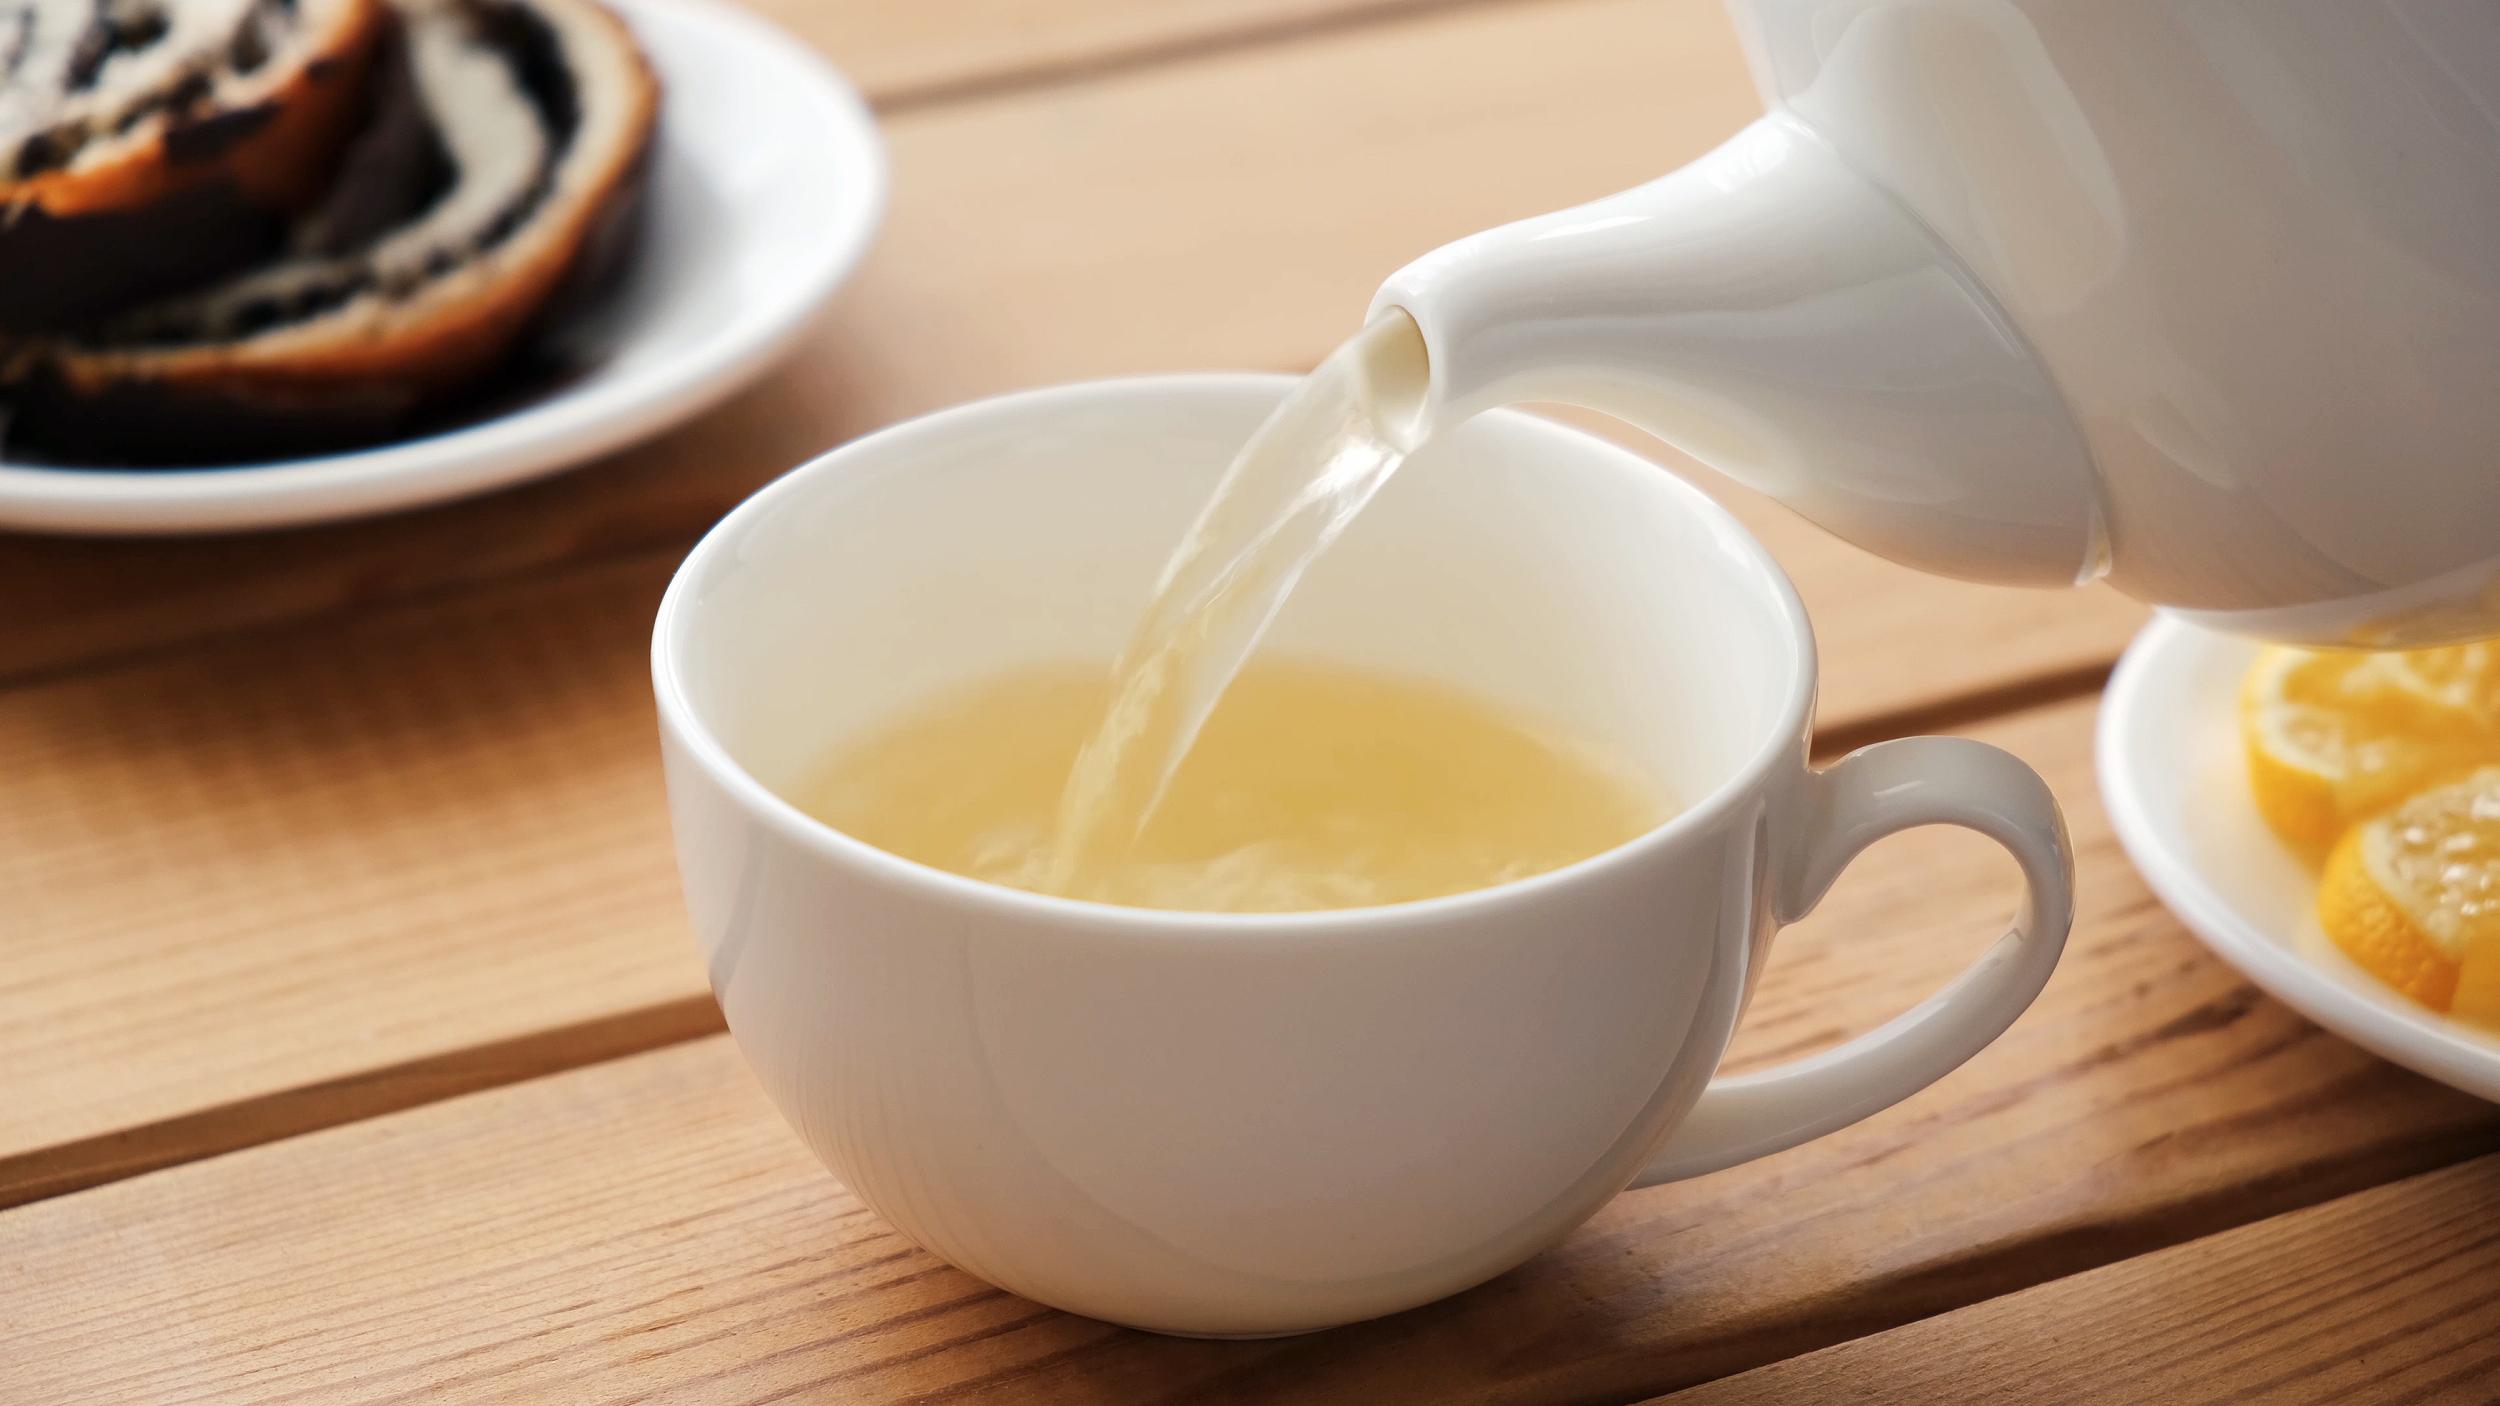 咽喉不适 试试这杯茶饮